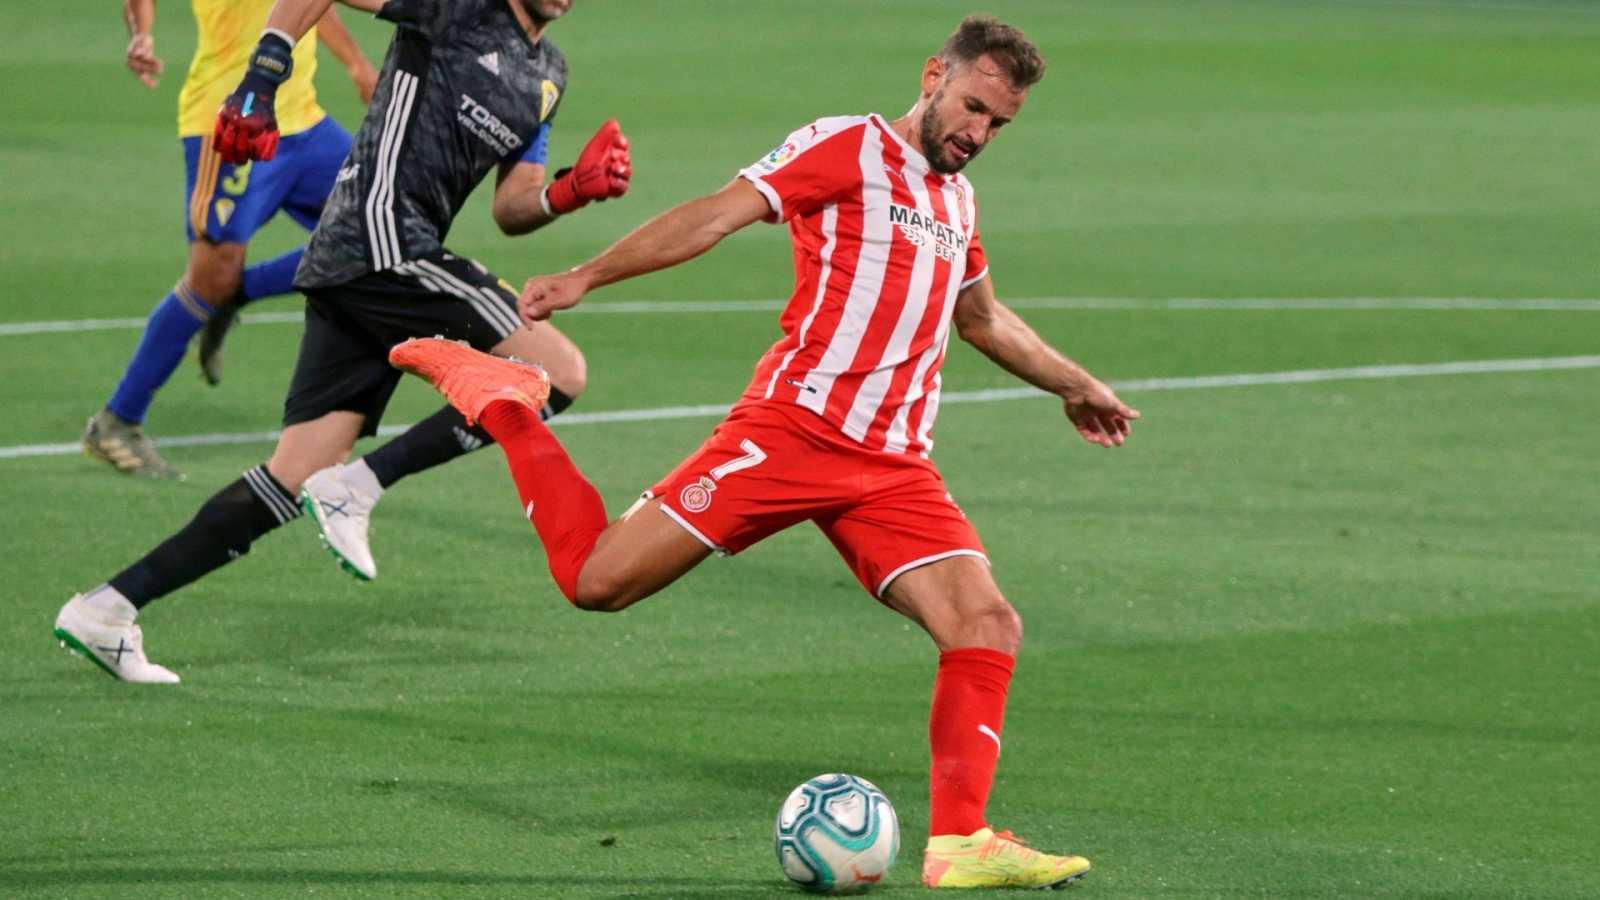 LaLiga suspende el primer encuentro de play-offs entre Girona y Almería, este jueves